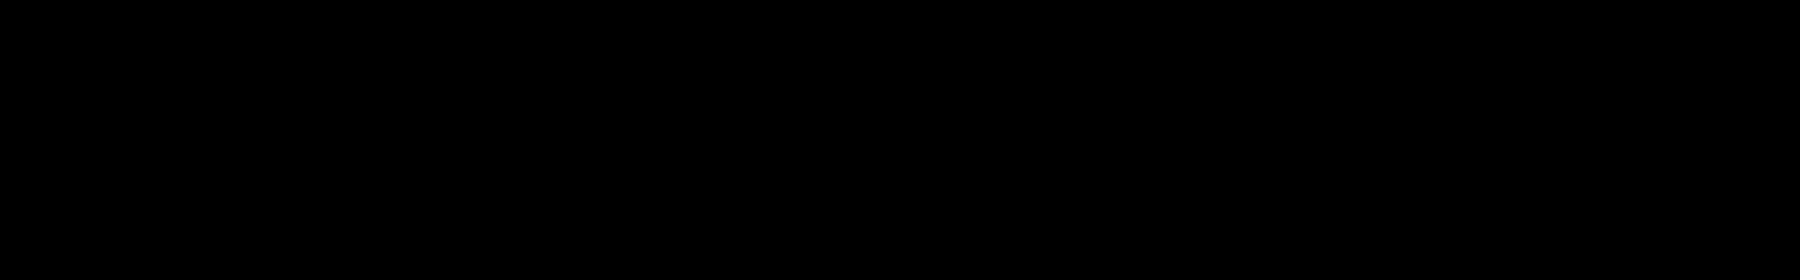 Luftrum 15 audio waveform